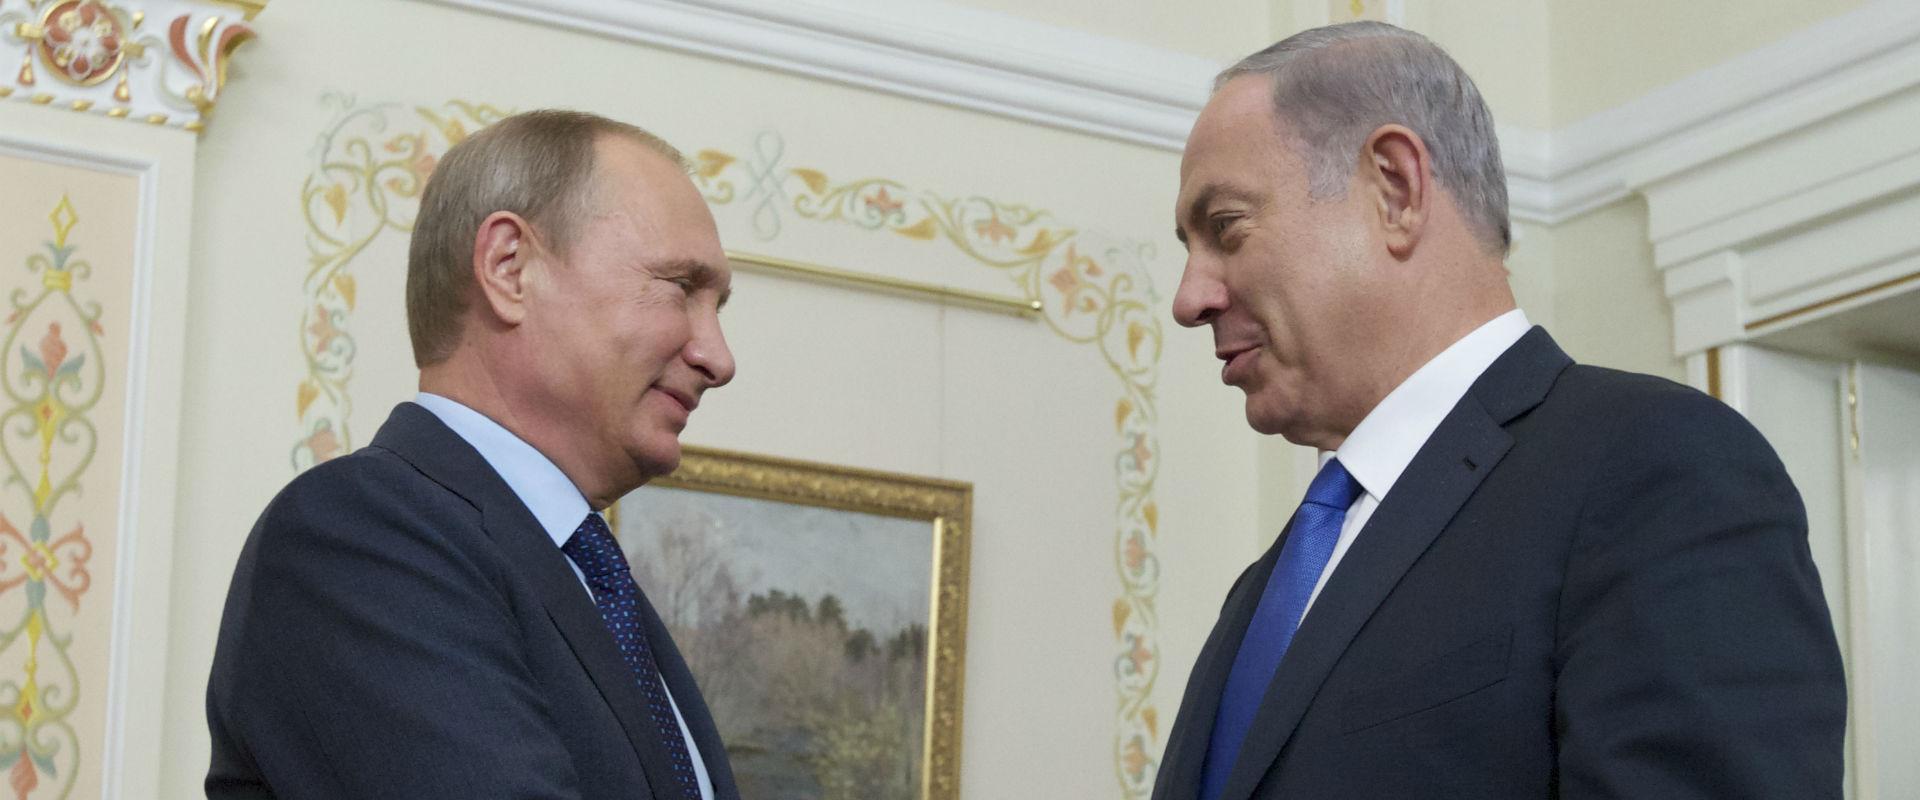 נתניהו ופוטין בפגישה במוסקבה, 2015